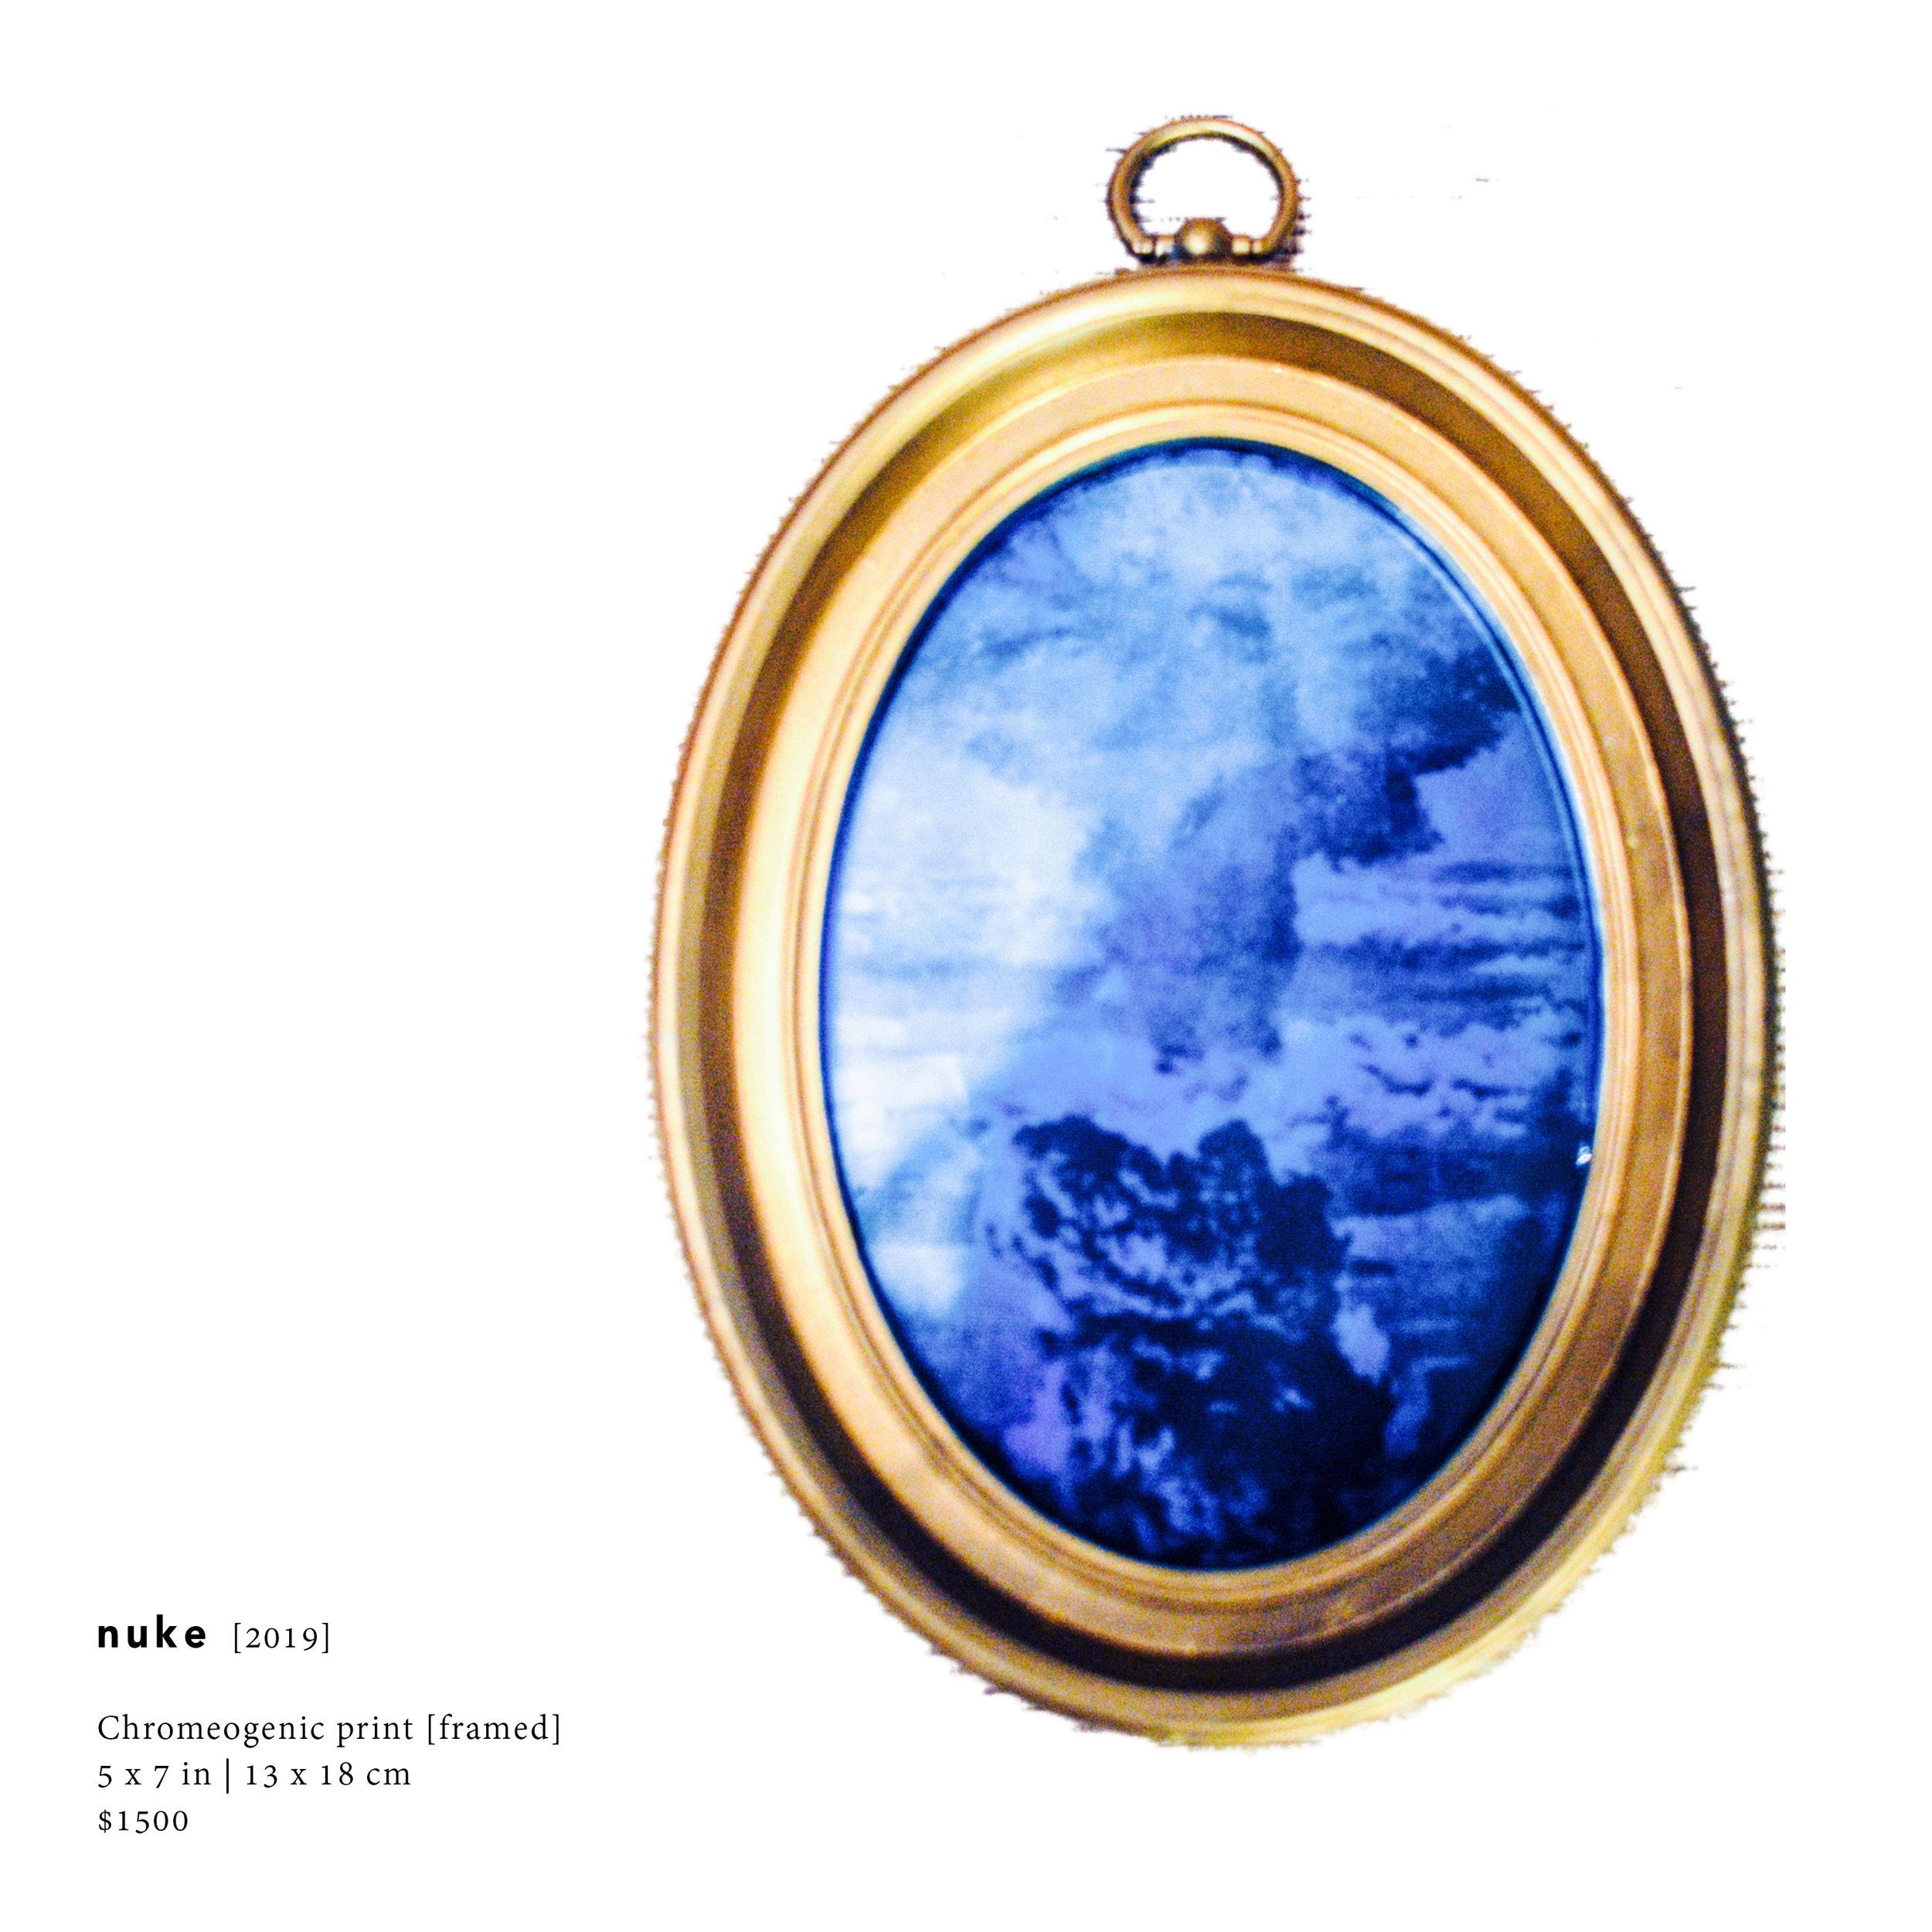 Faena-Inventory-HEYDT-March201943.jpg